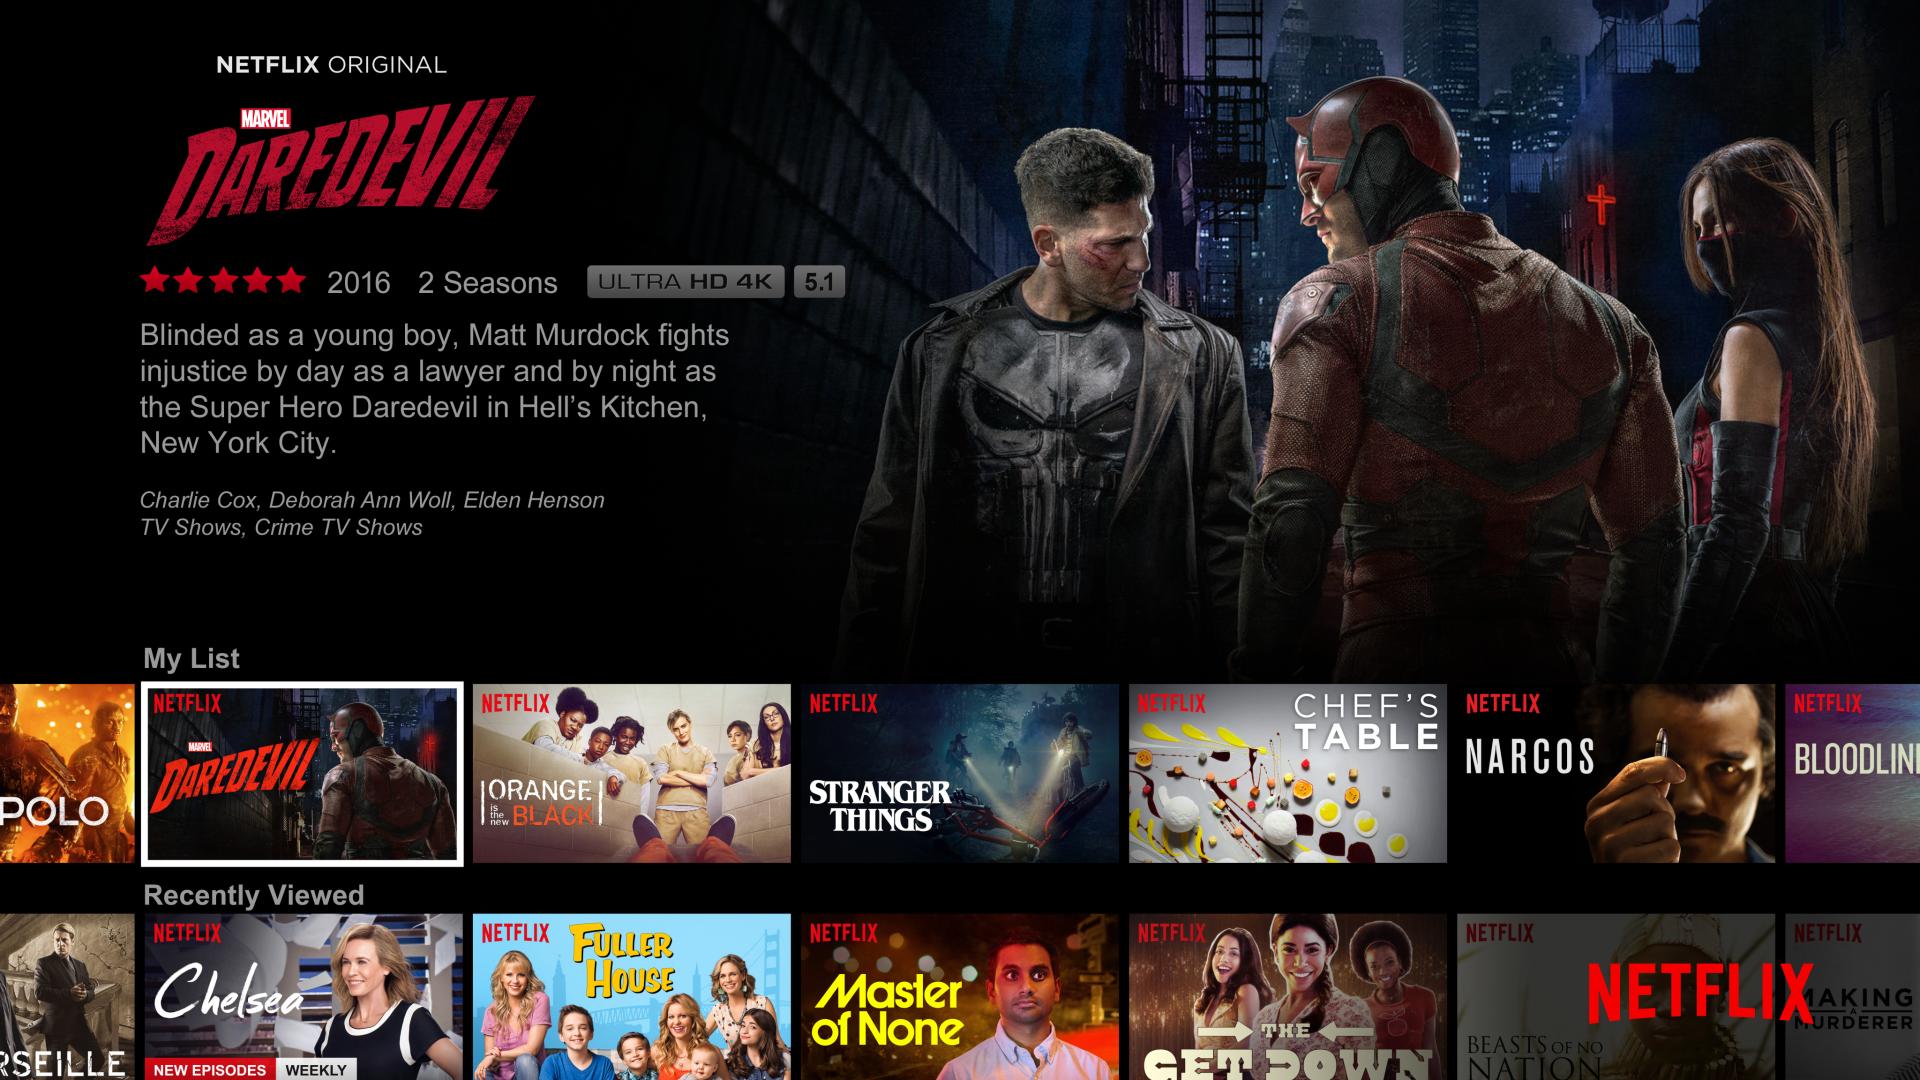 A Netflix user's home screen.